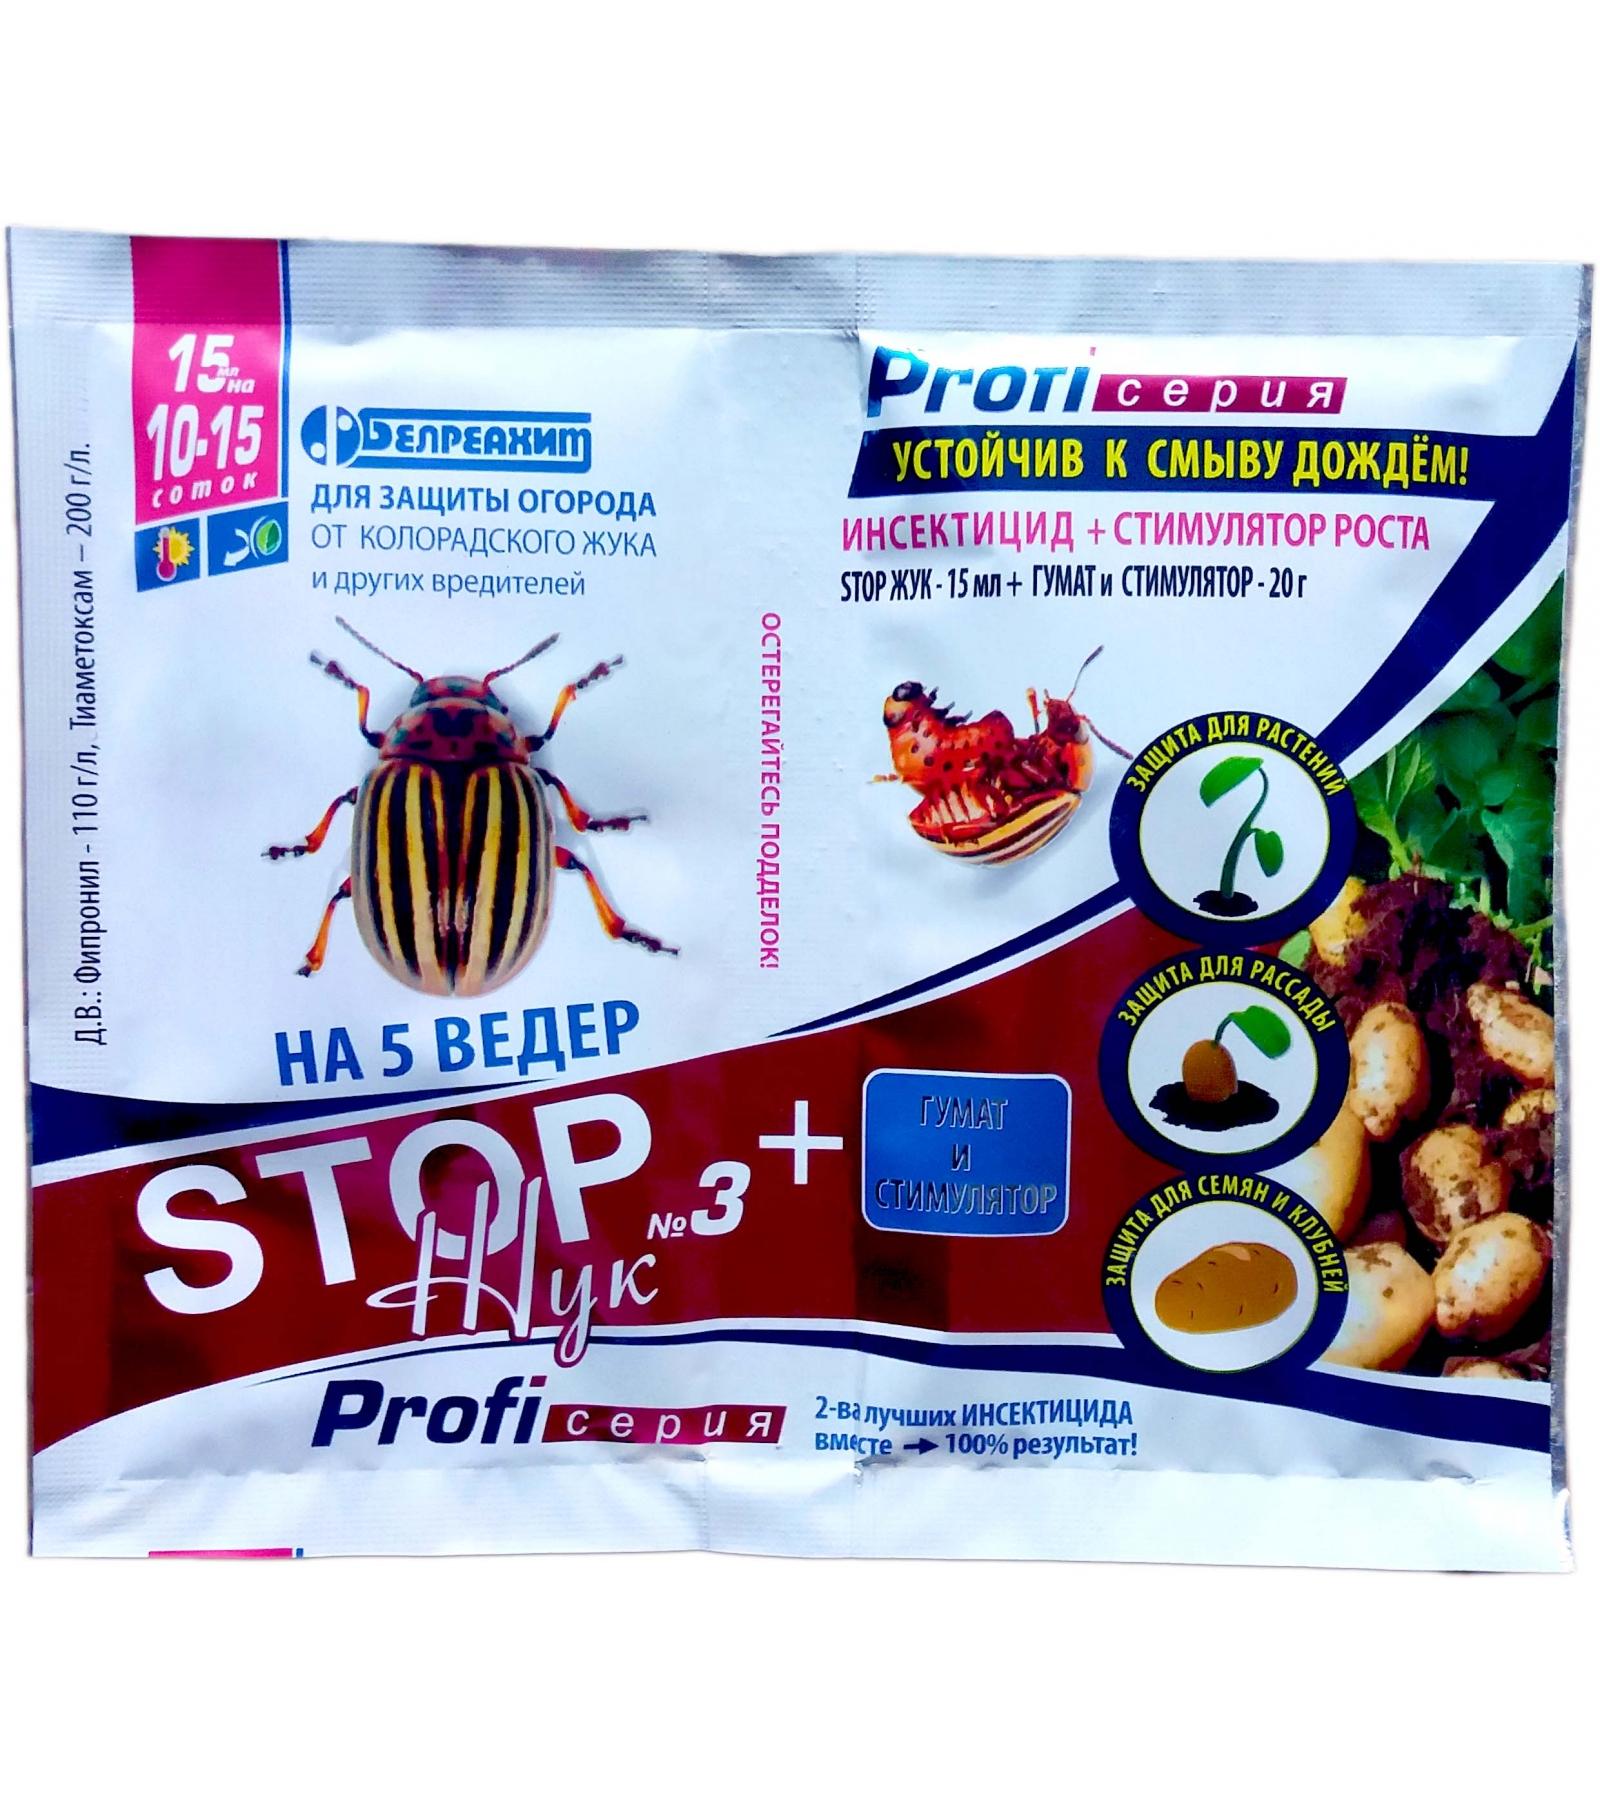 Средство регент от колорадского жука: инструкция по применению